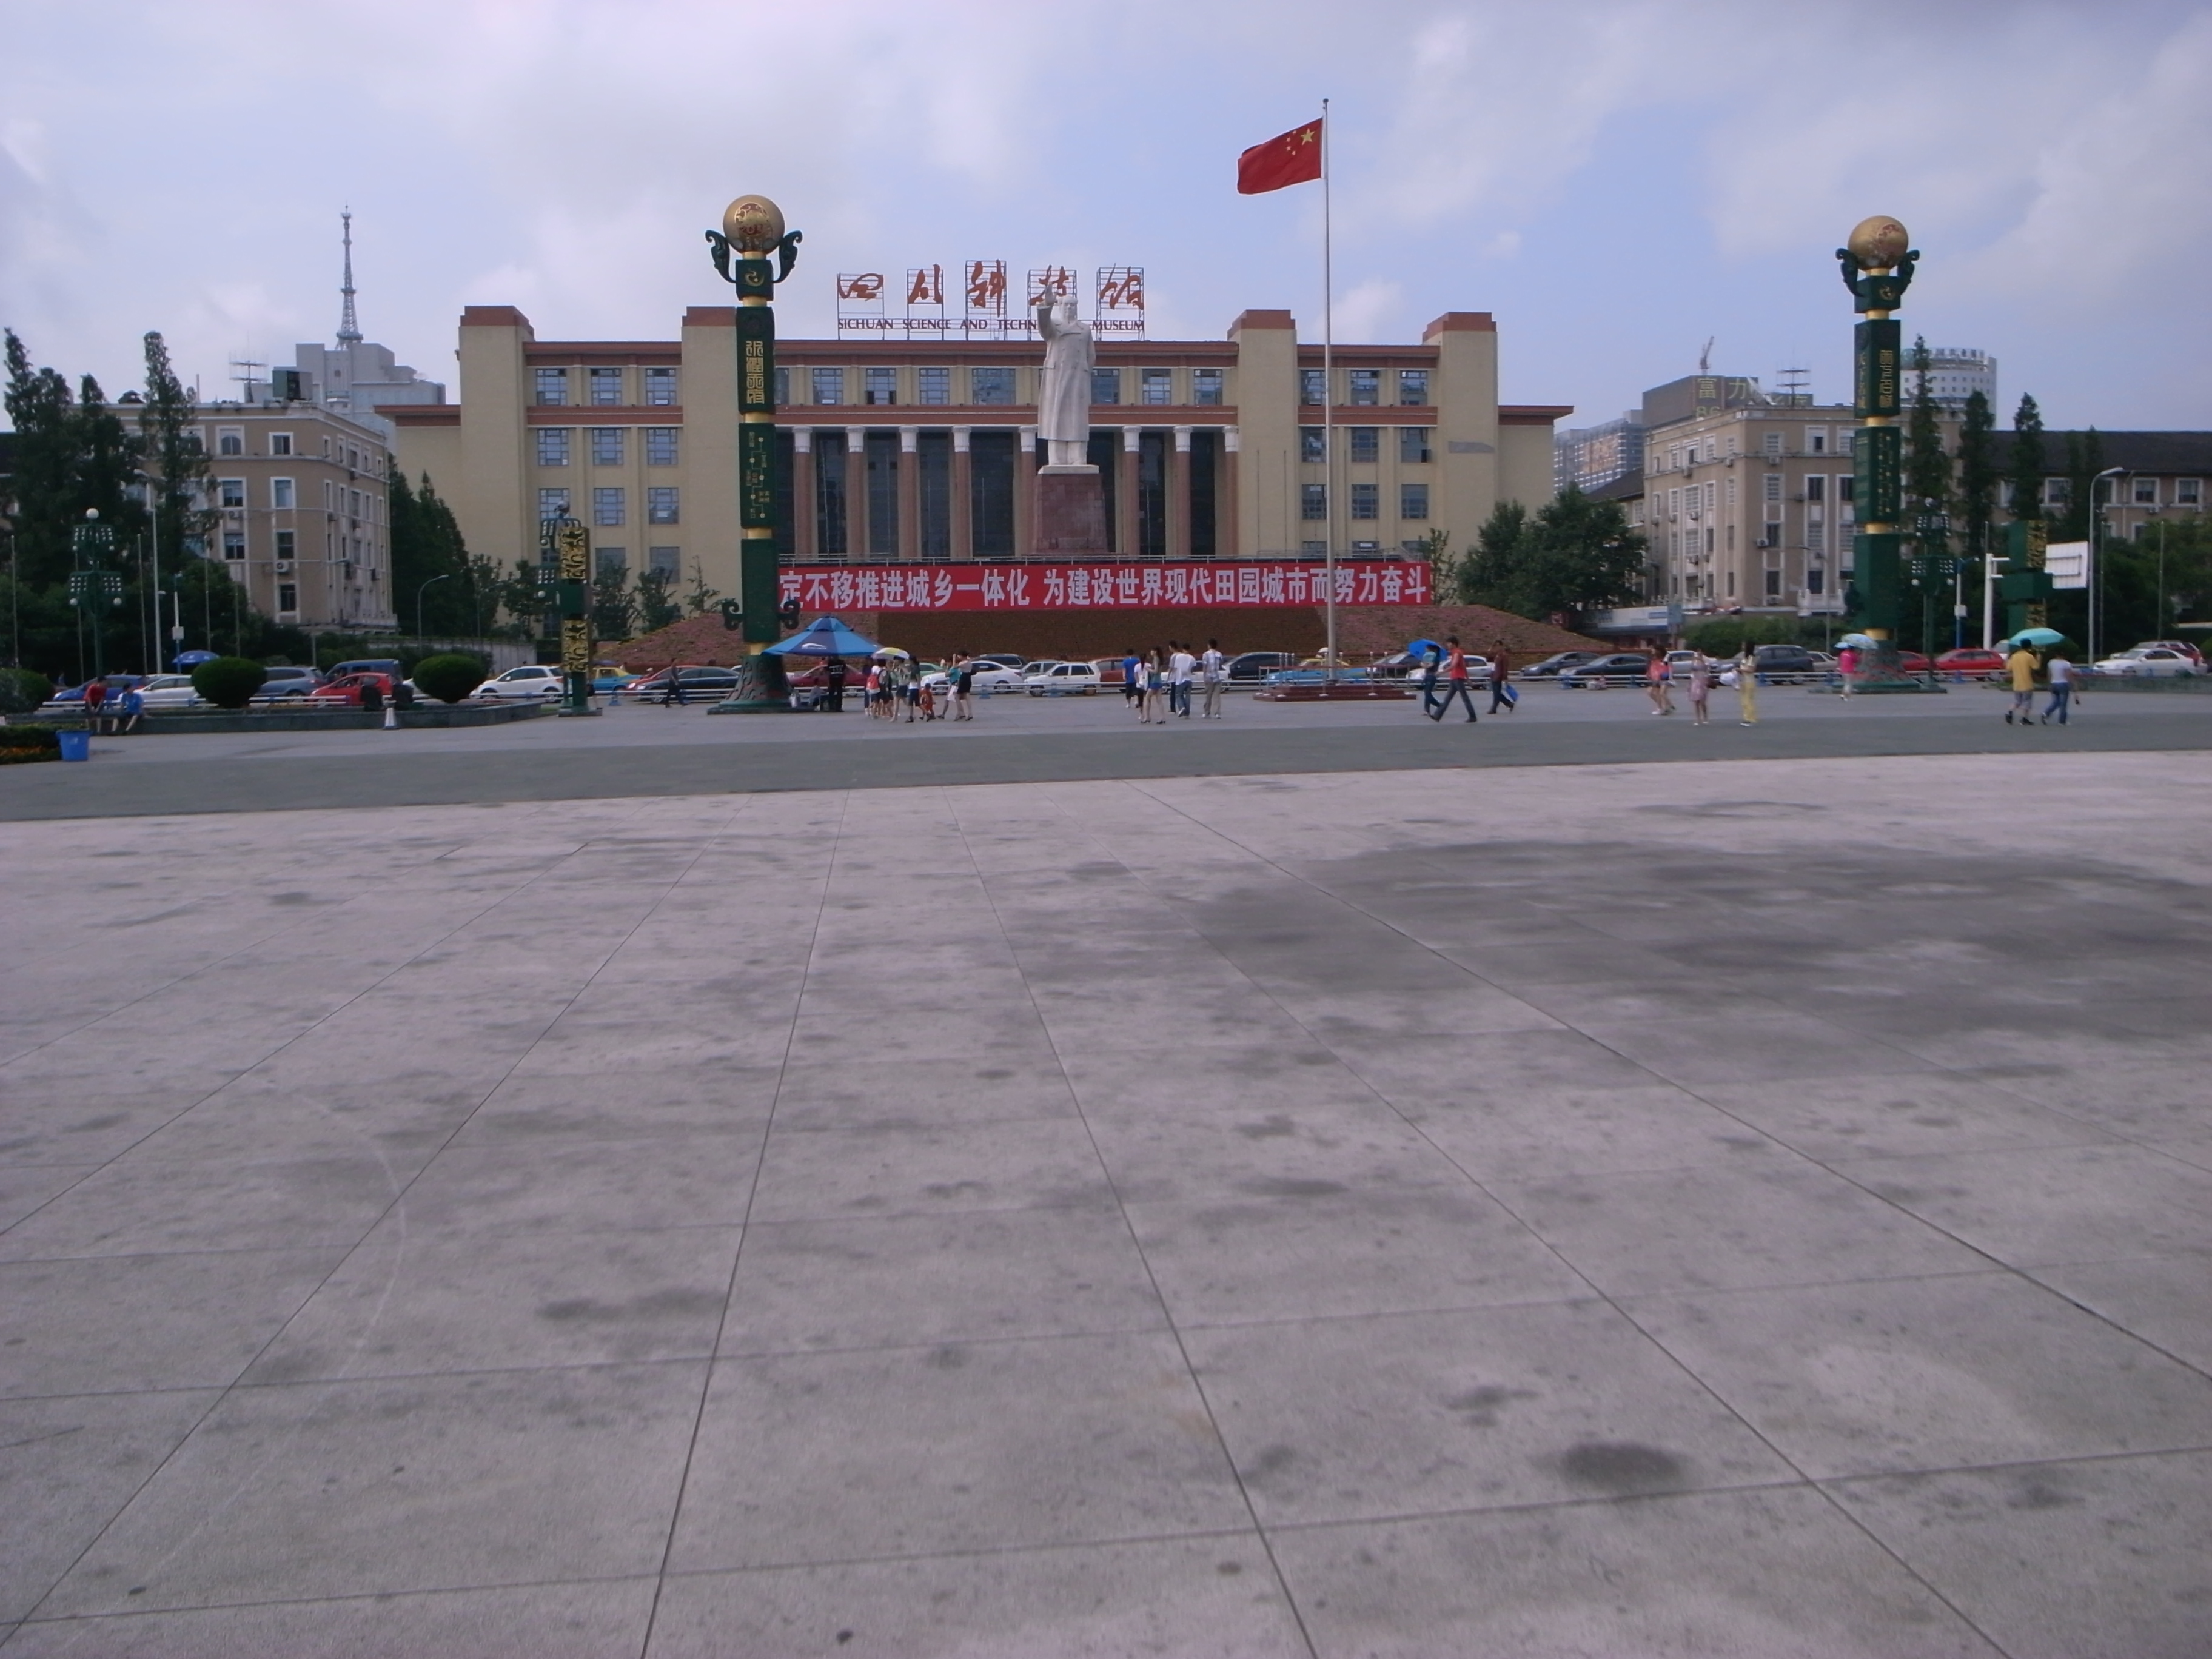 201007成都天府广场